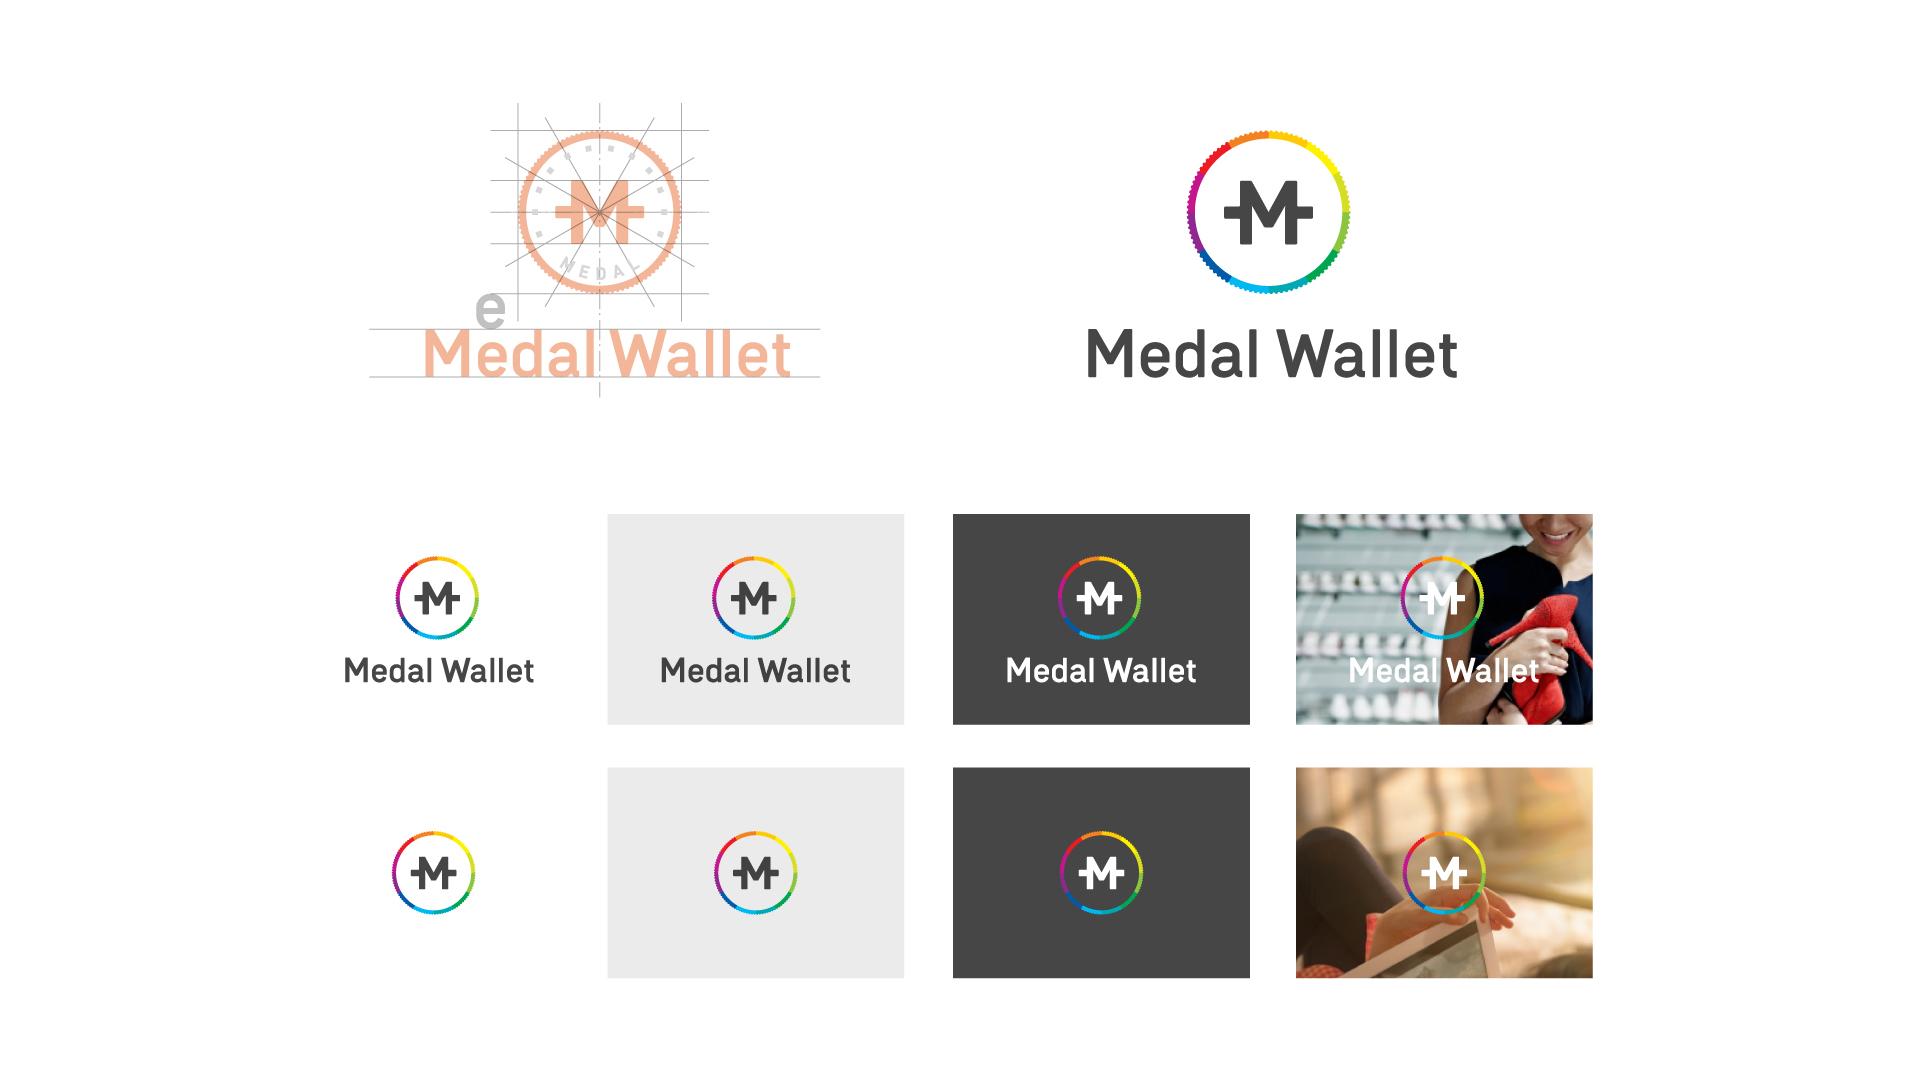 Medal Identity WalletID.jpg